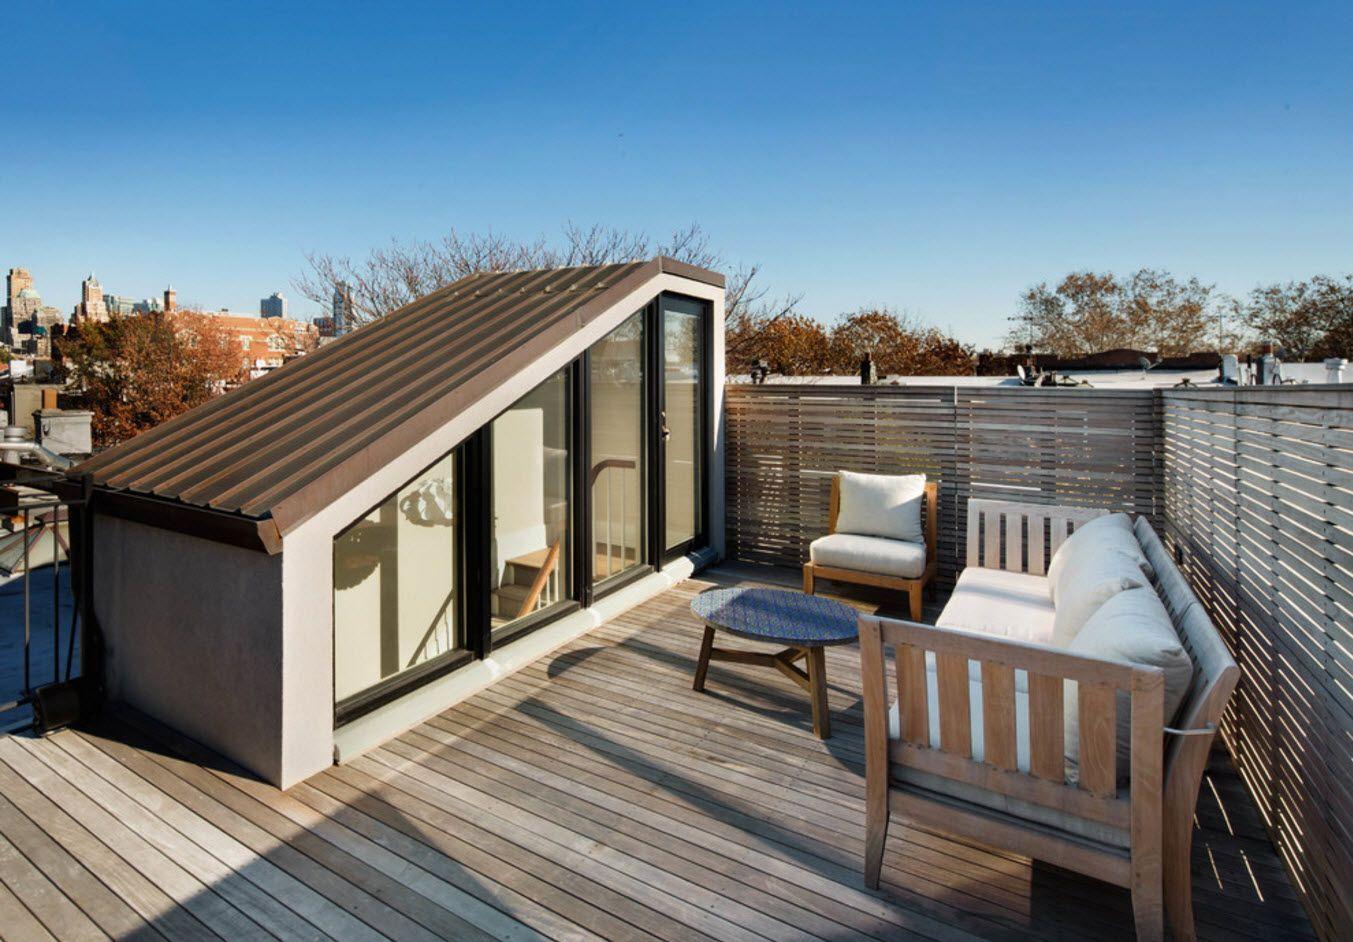 проект дома с террасой на крыше картинки пропустили страну контрабанду